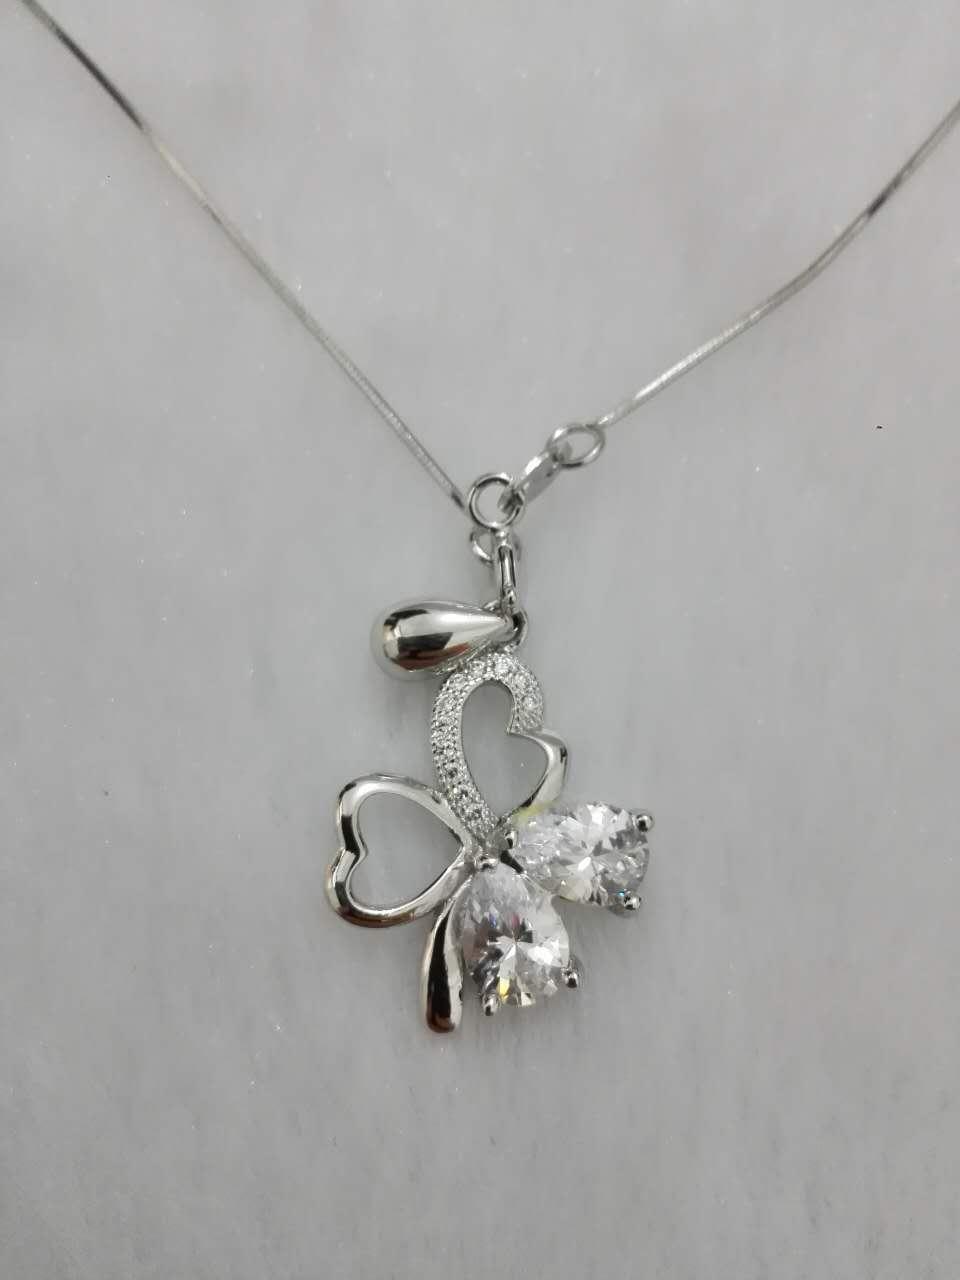 2018 New Design Hot Selling Customer DIY Sliver Necklace